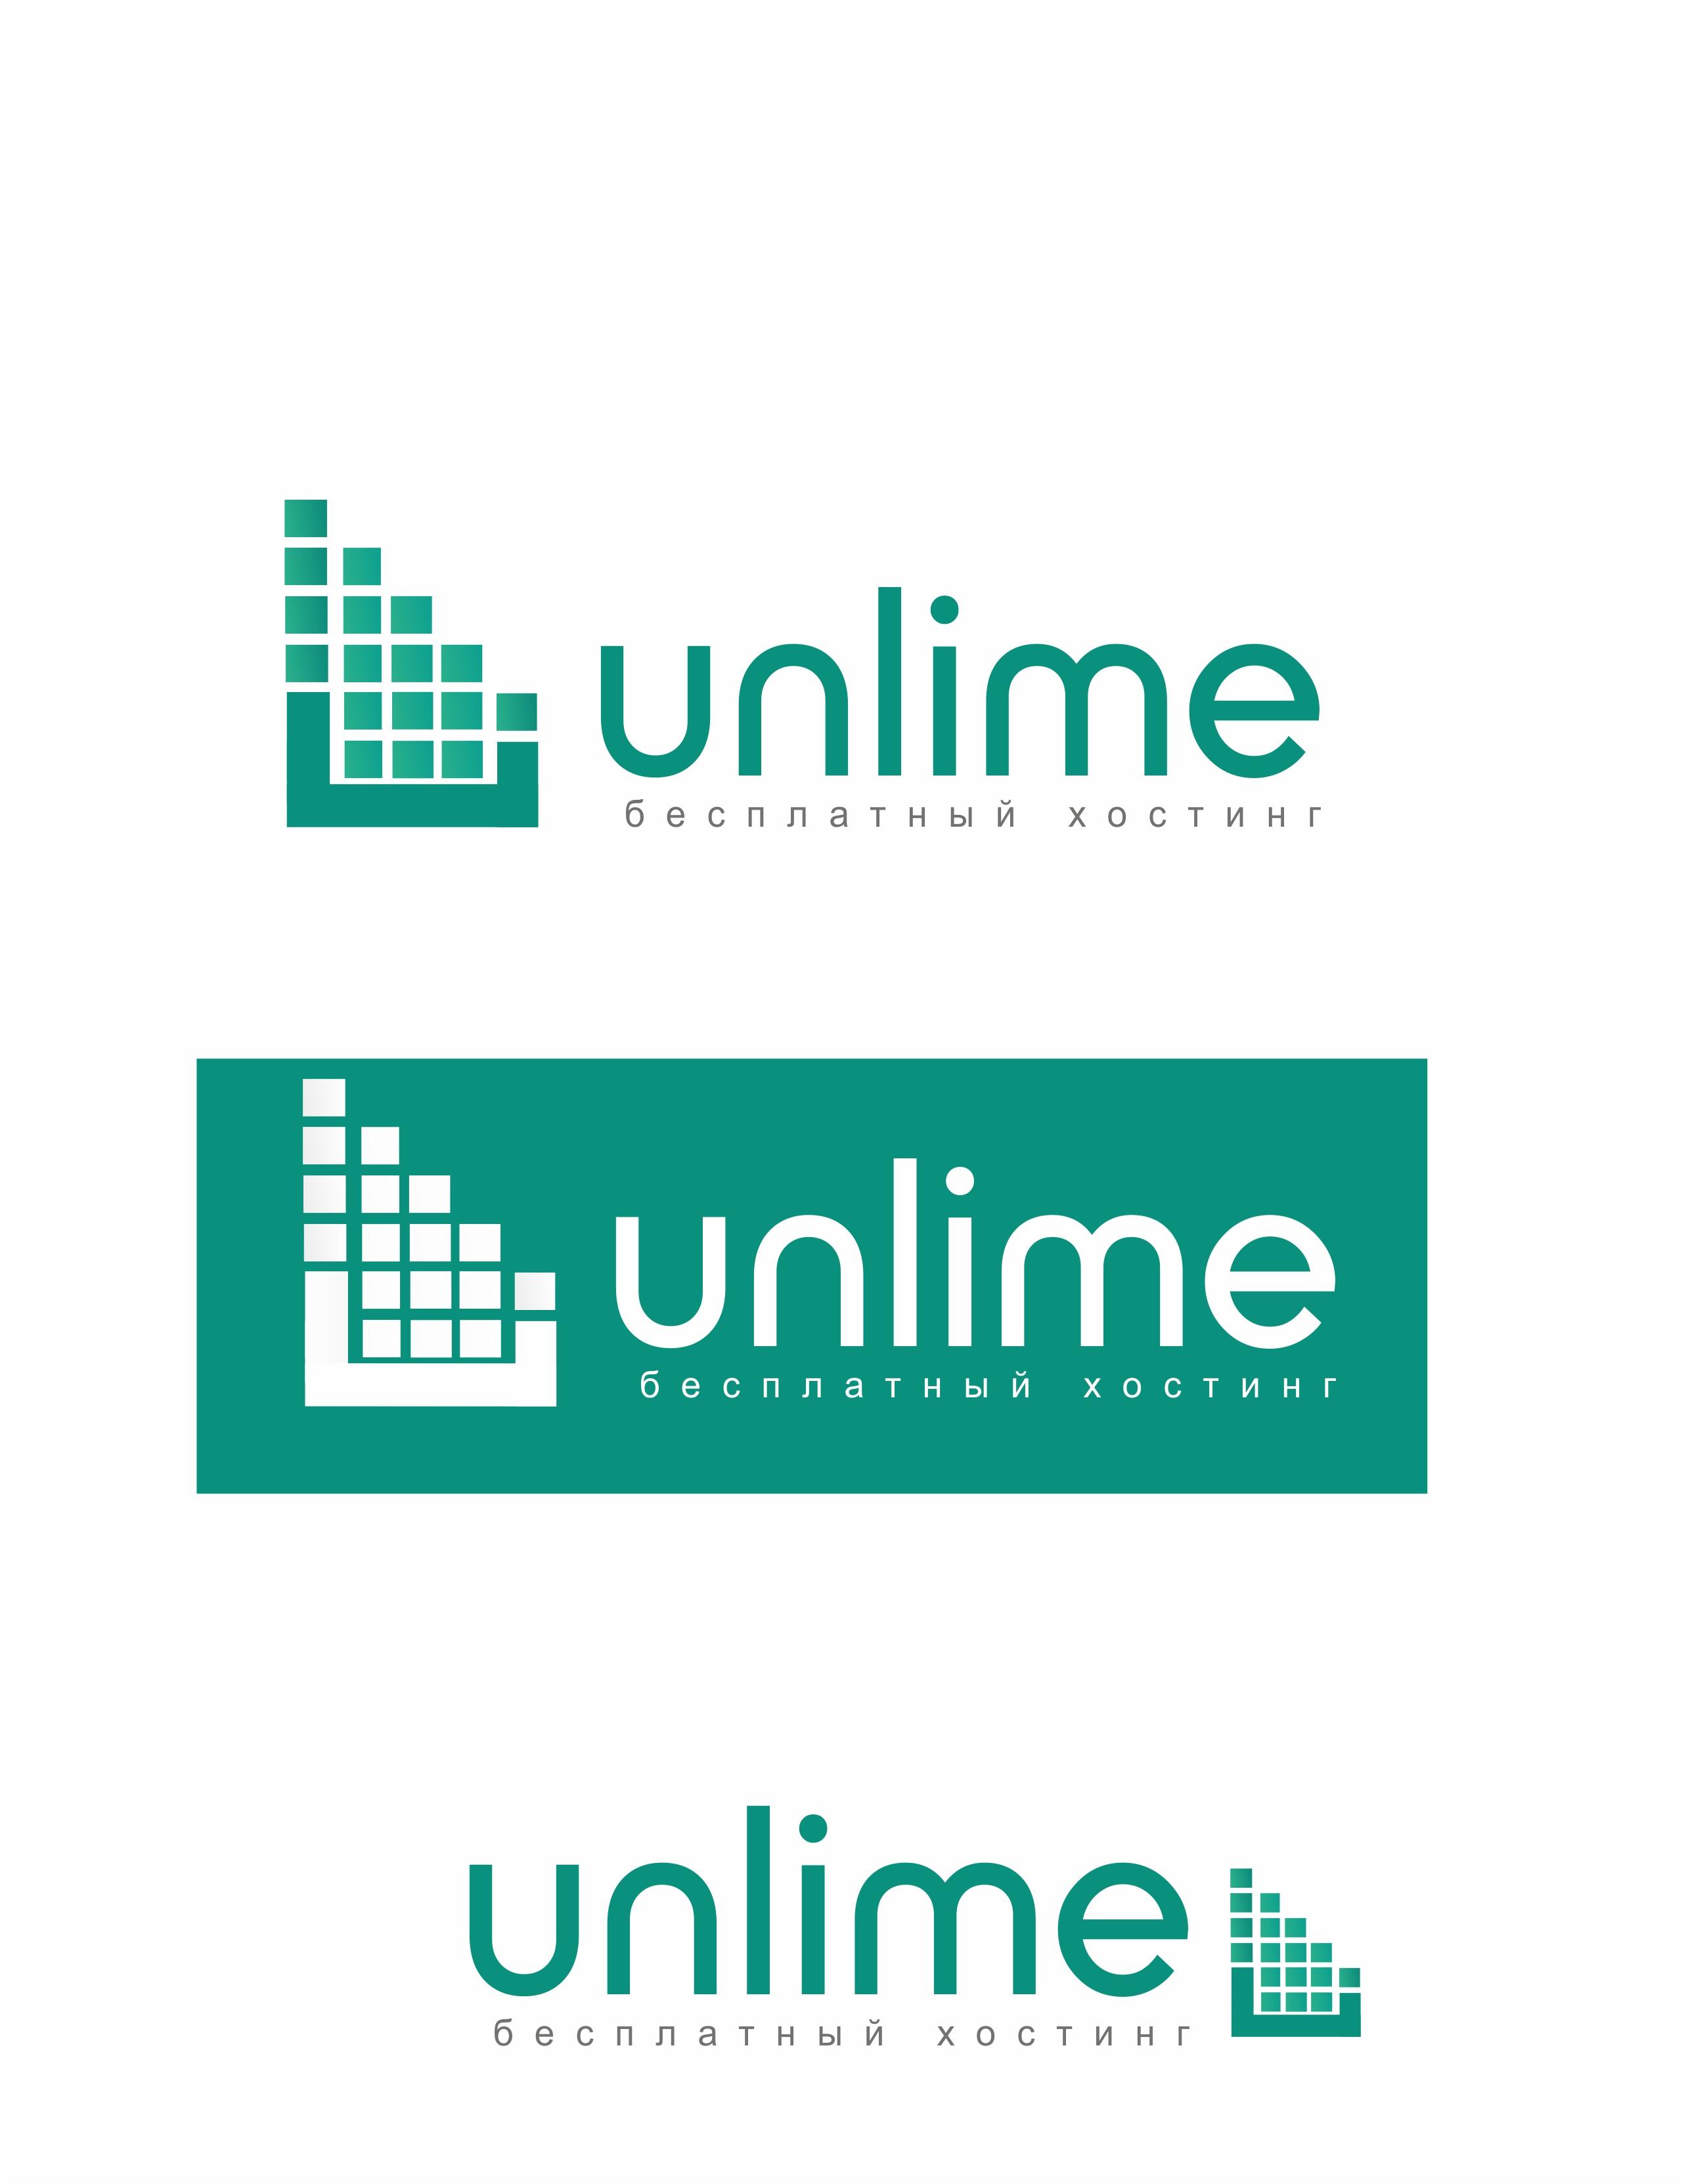 Разработка логотипа и фирменного стиля фото f_49059573d19c0f0a.jpg